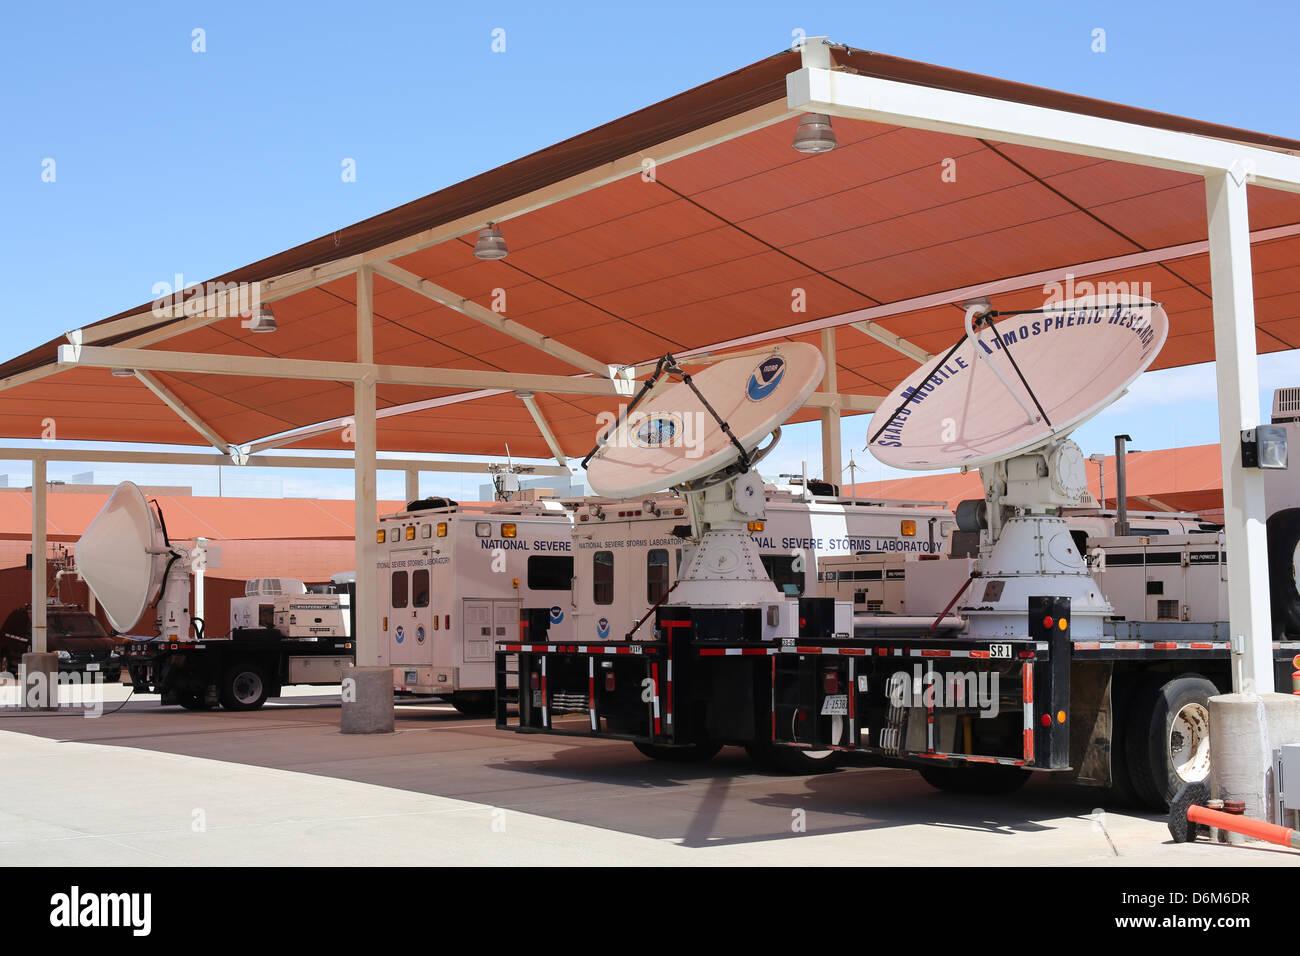 Doppler radar trucks parked at the National